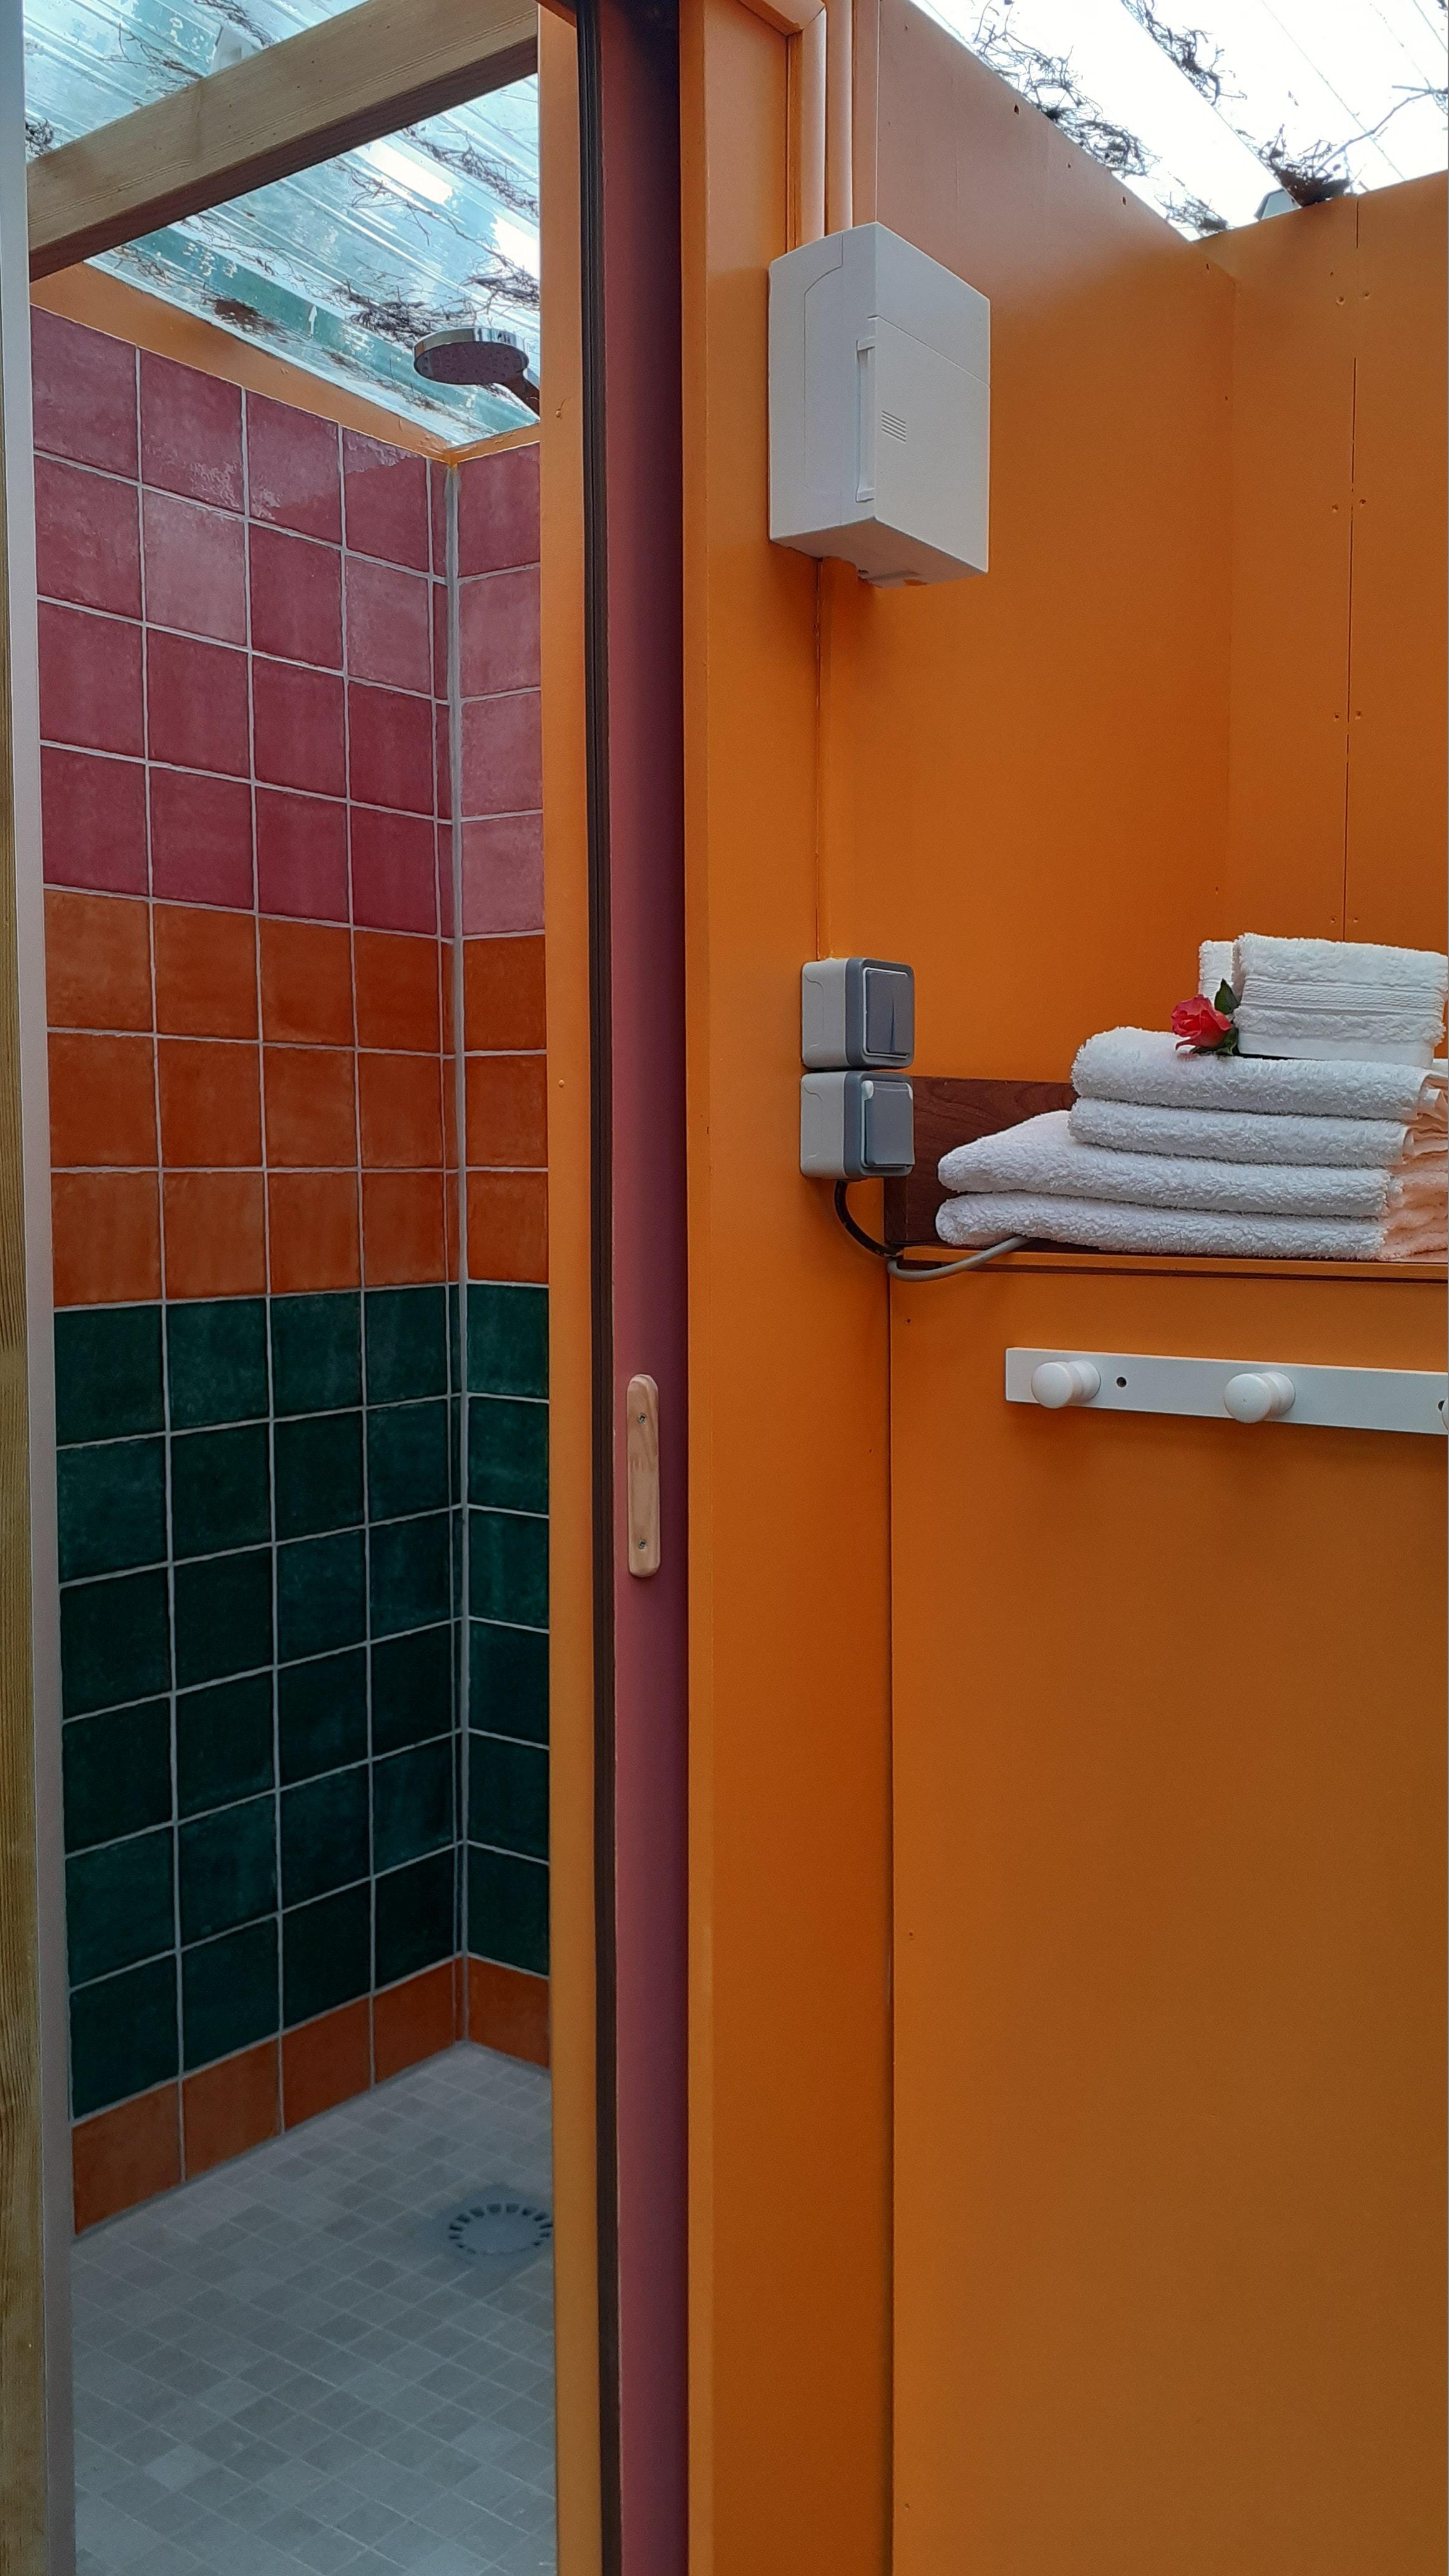 Les sanitaires de la roulotte se composent d'un lavabo et de toilettes sèches.